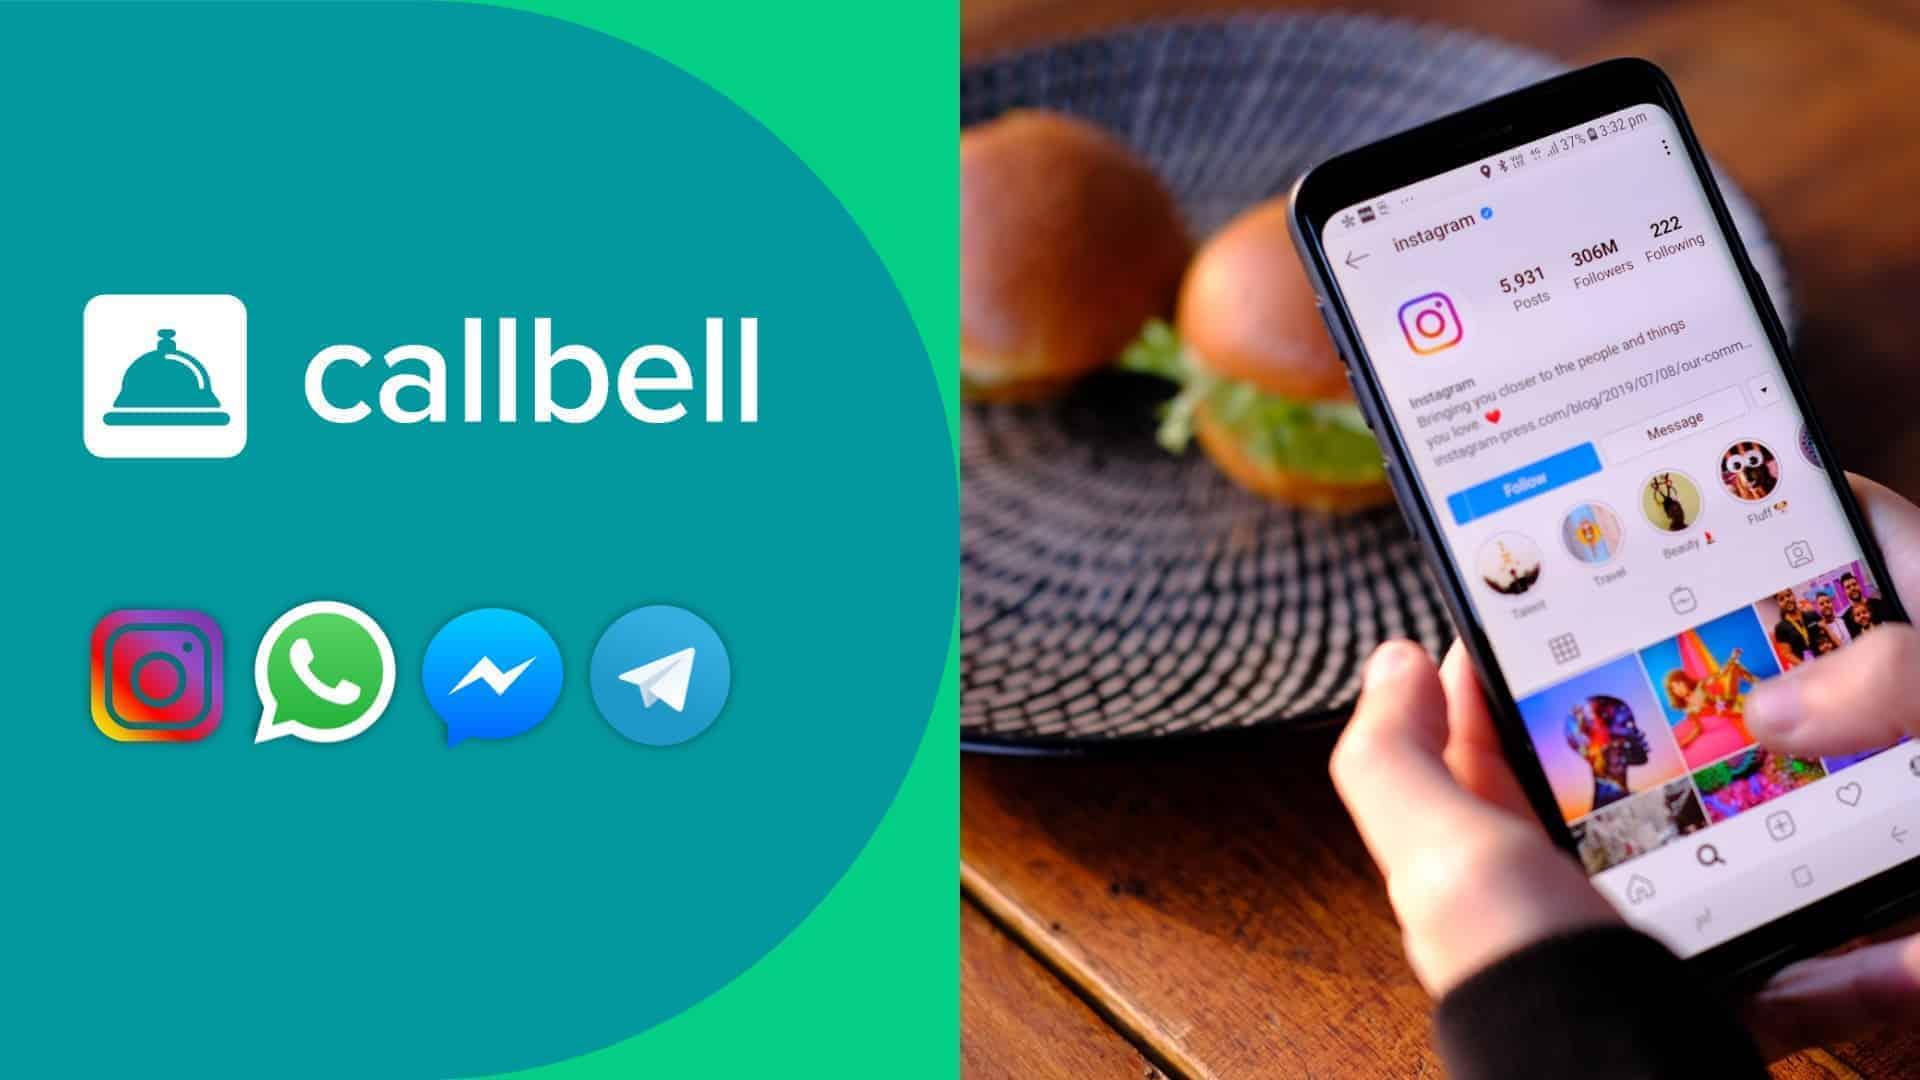 Comment lier Callbell à Instagram?